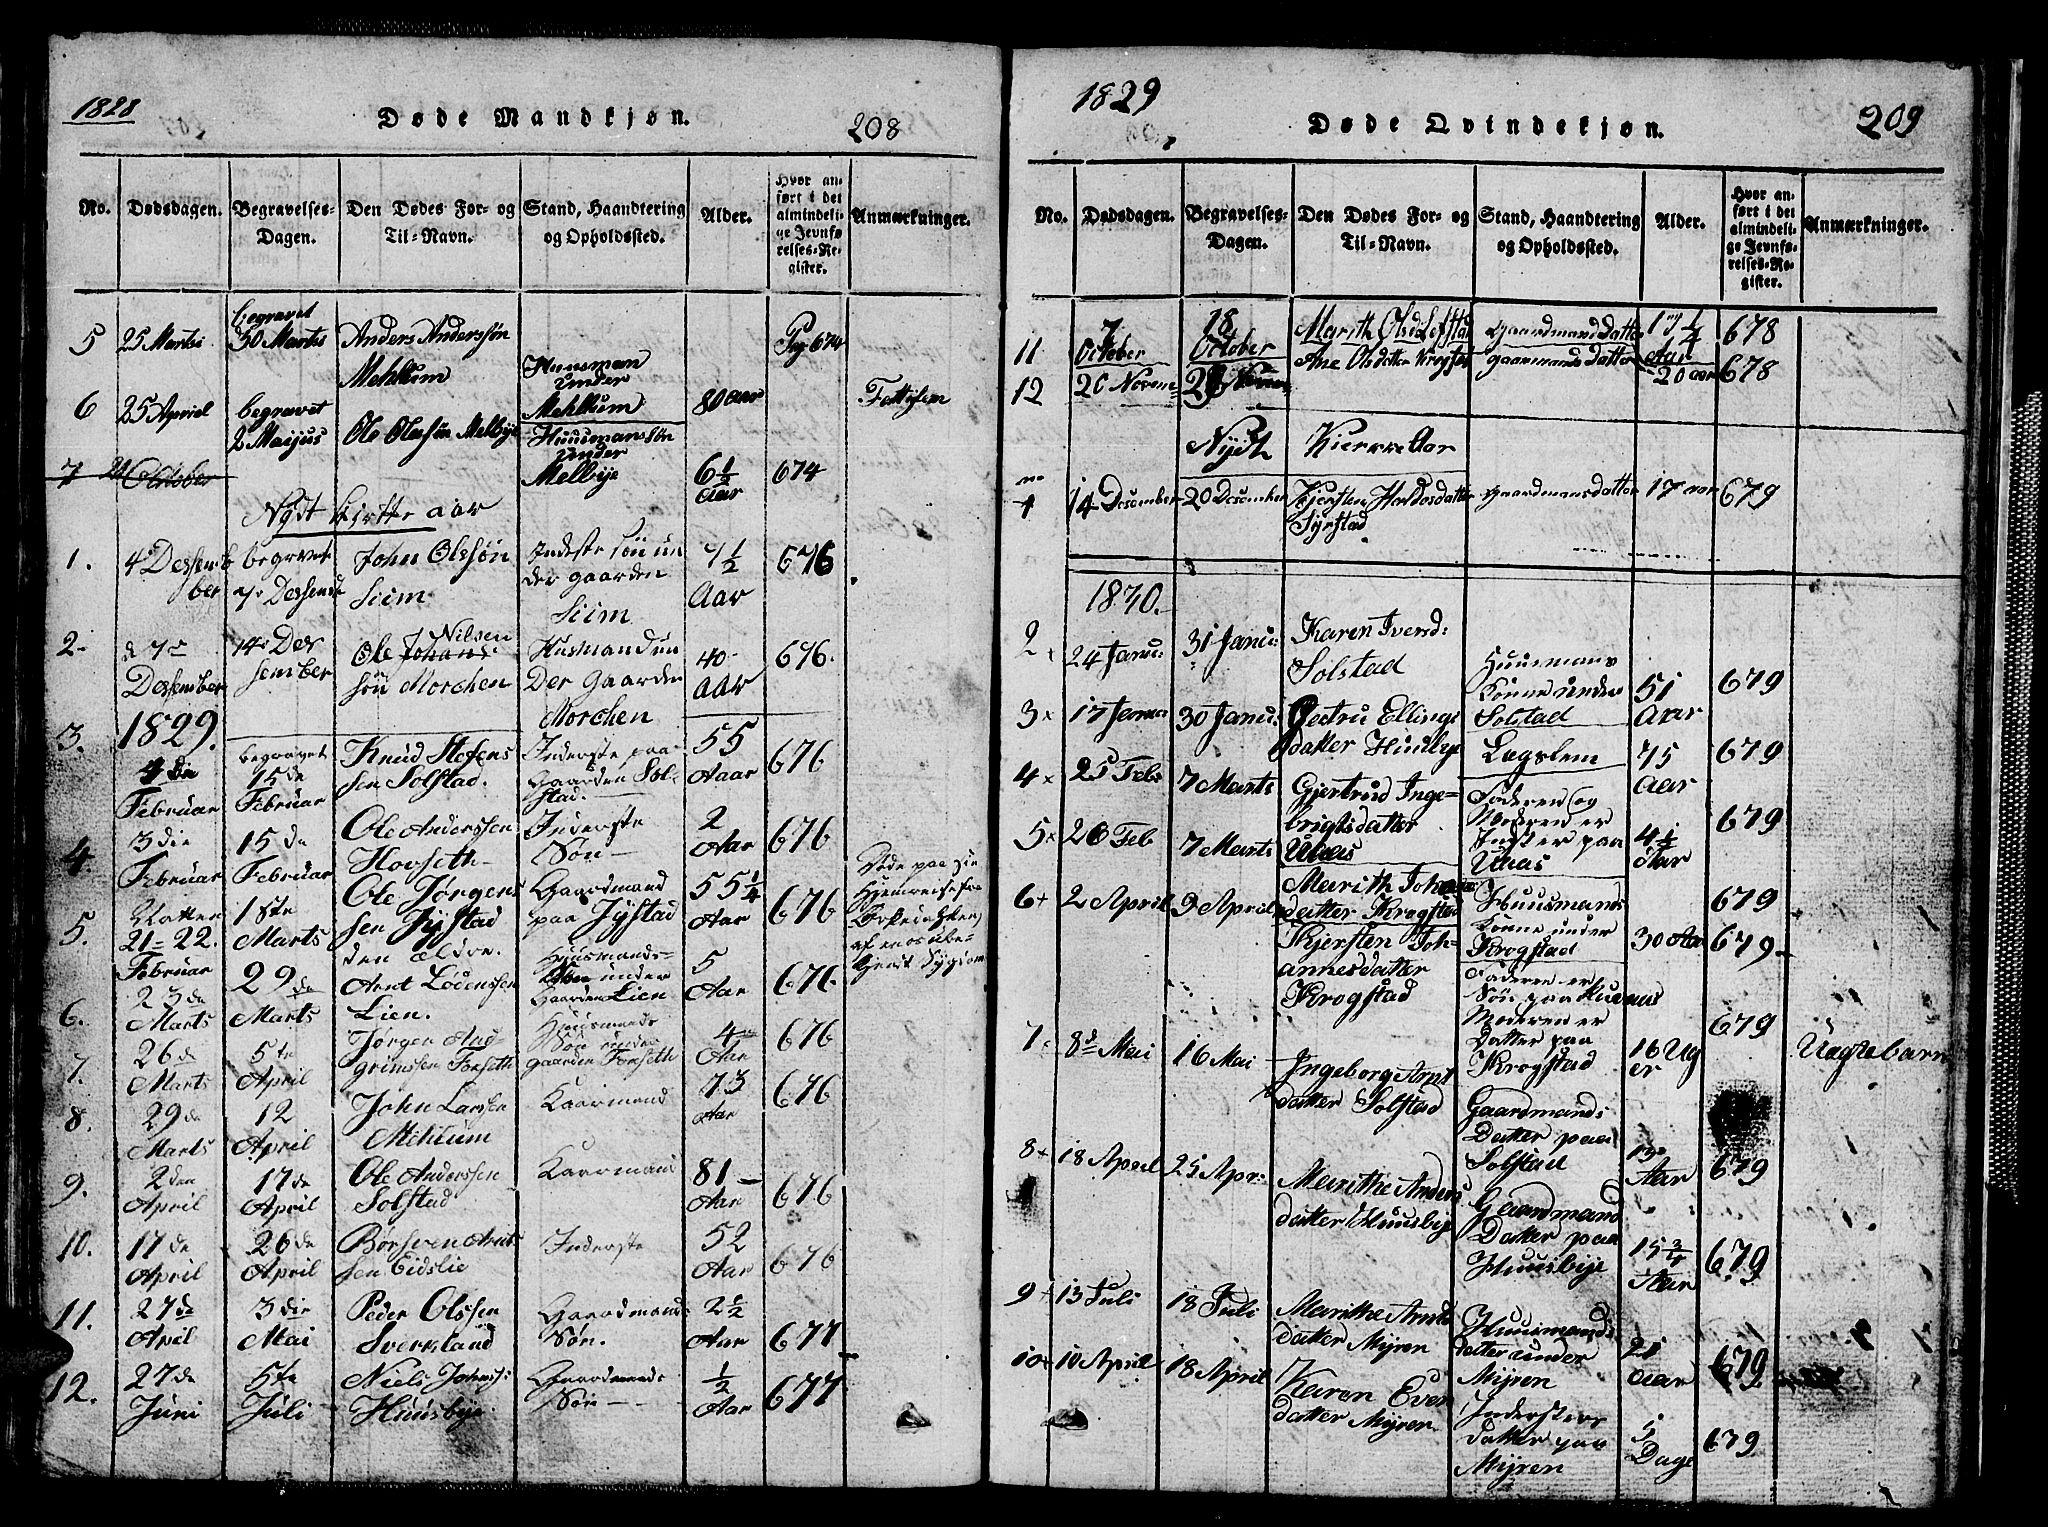 SAT, Ministerialprotokoller, klokkerbøker og fødselsregistre - Sør-Trøndelag, 667/L0796: Klokkerbok nr. 667C01, 1817-1836, s. 208-209